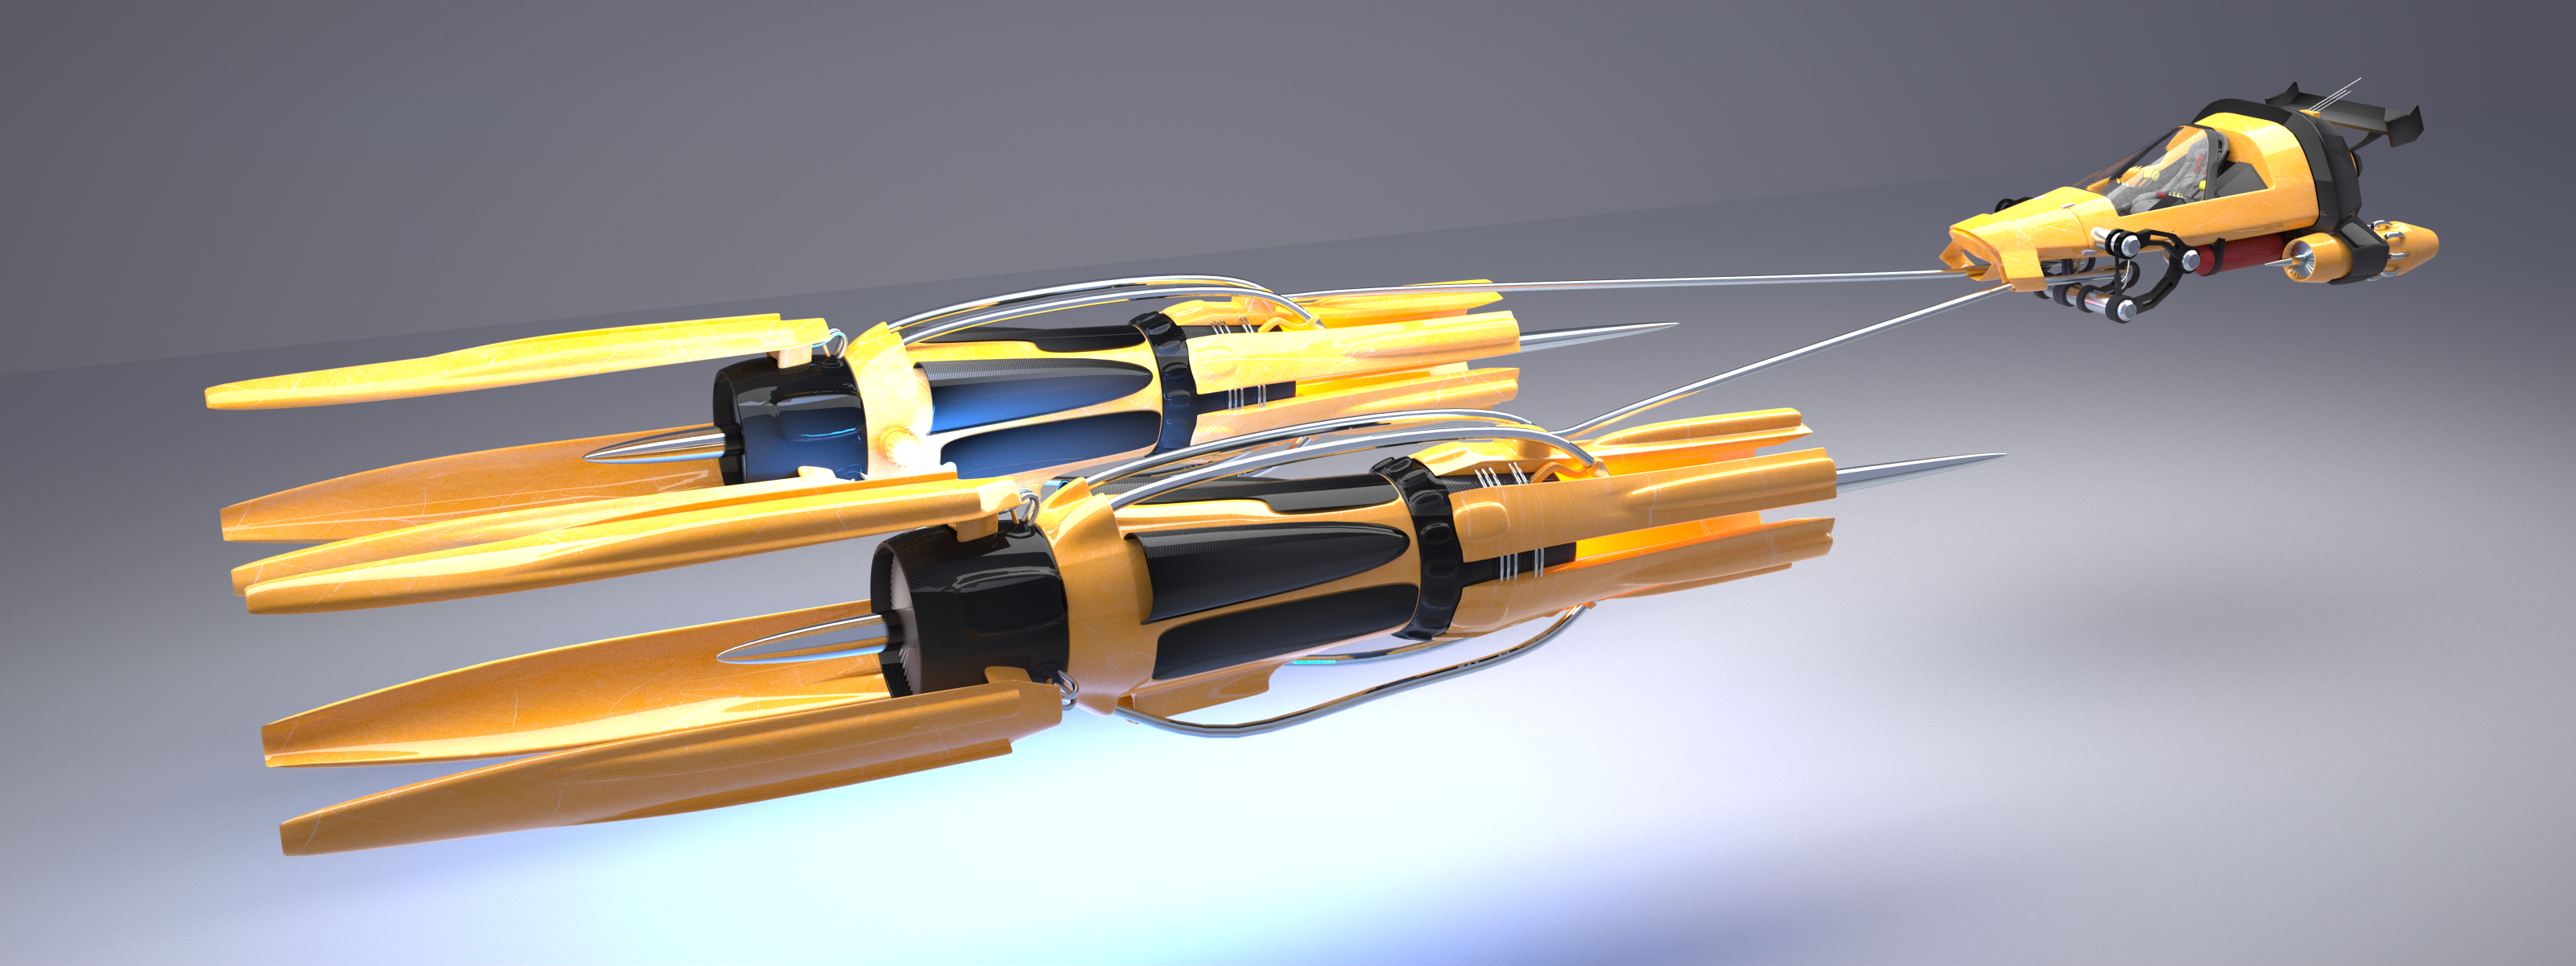 Pod Racer by pyrohmstr